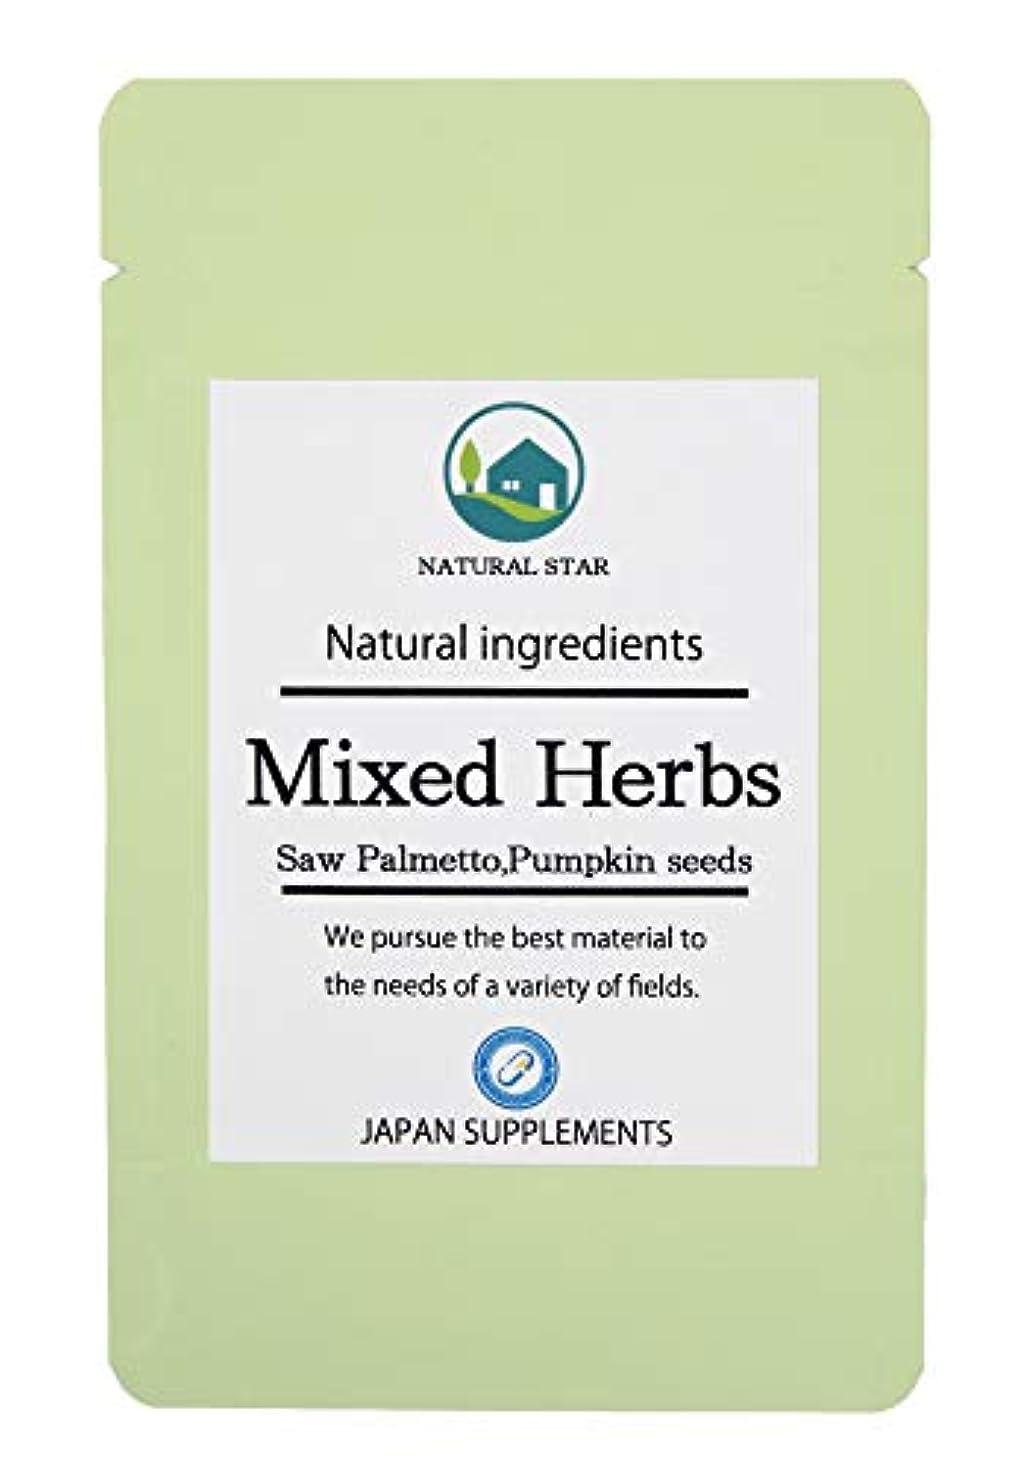 パラメータストレンジャーグリースMixed Herbs ノコギリヤシ カボチャ種子配合サプリメント 60粒 約1ヵ月分